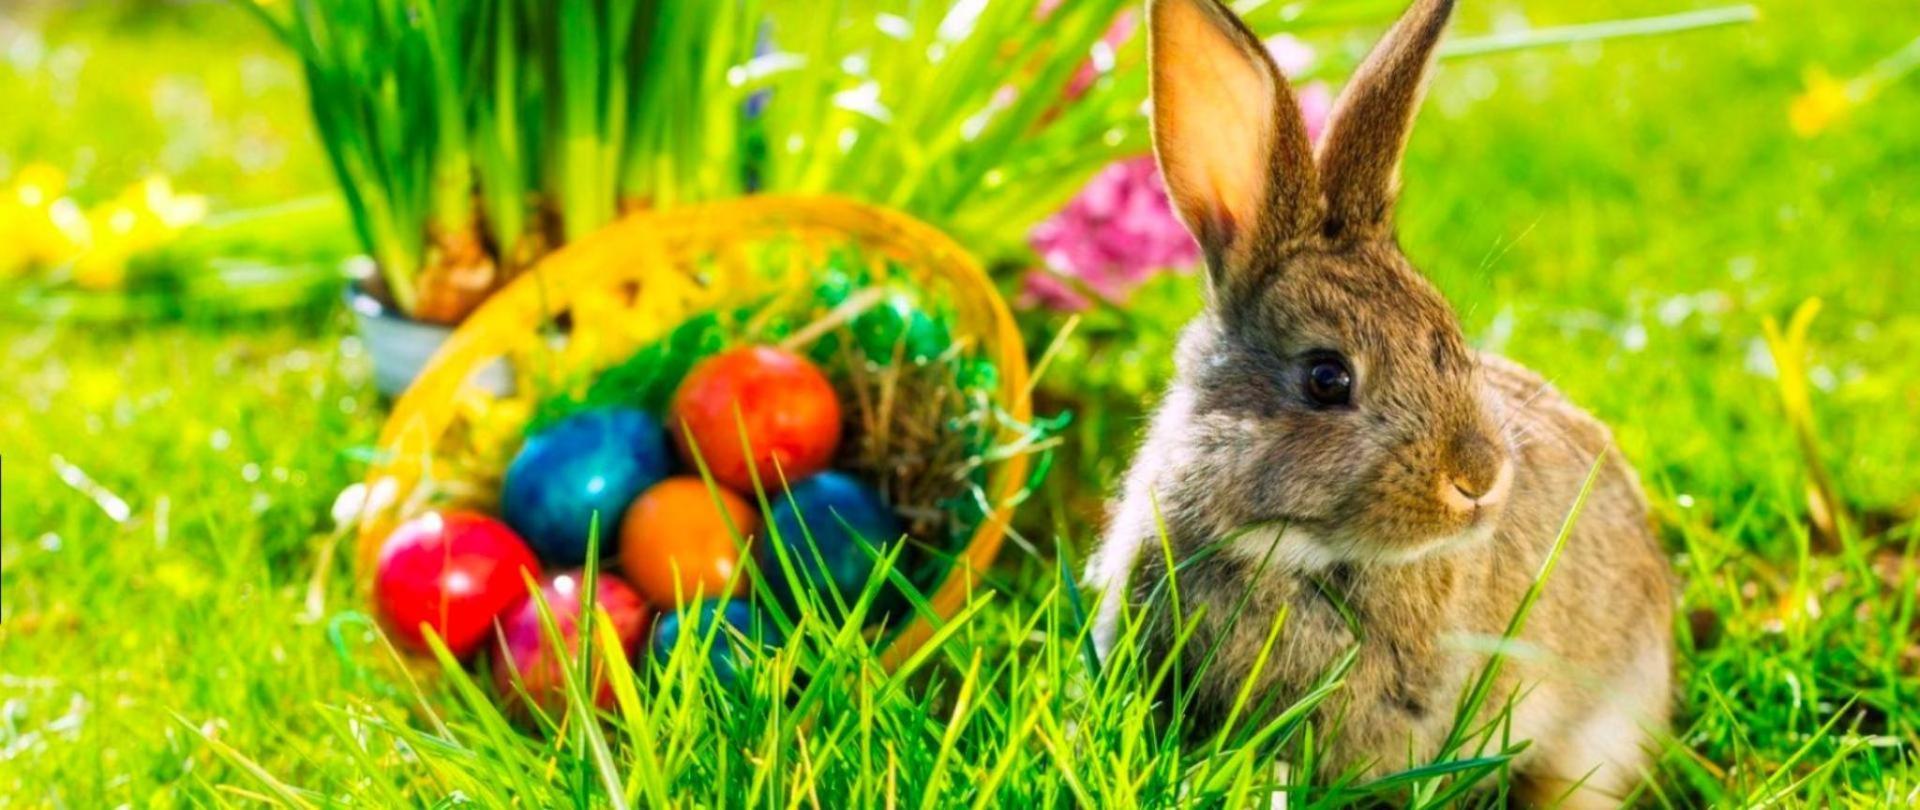 Coniglio di pasqua.jpg